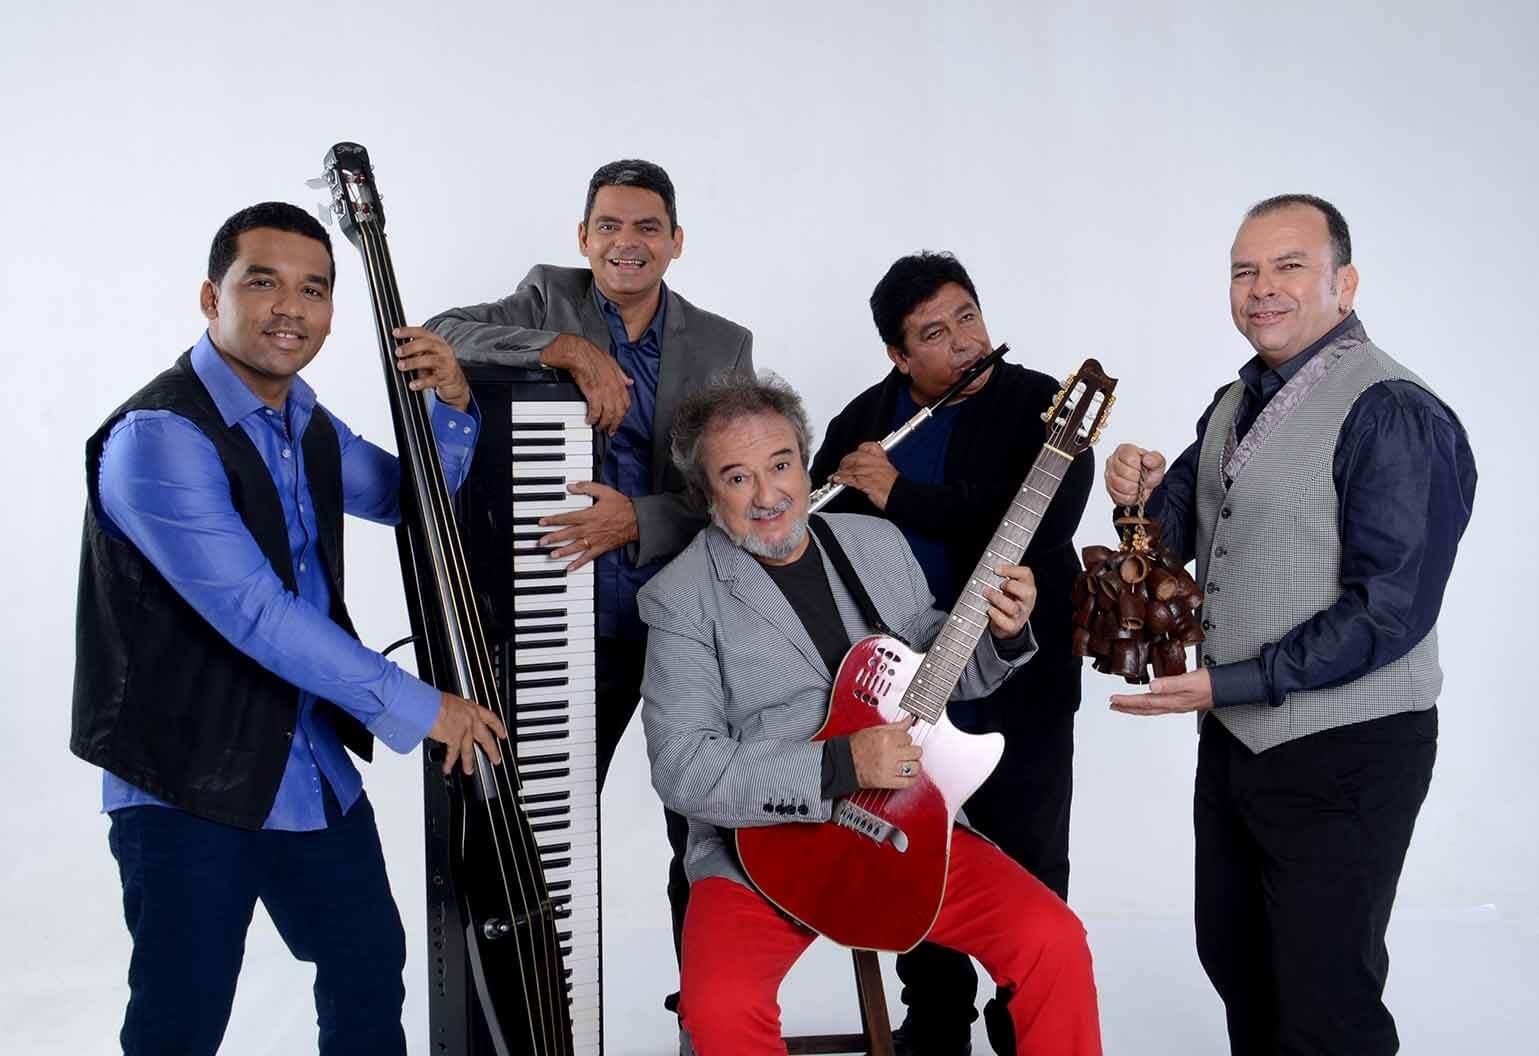 Brezilya'lı Ünlü Grup Quinteto Violado Türkiye'de